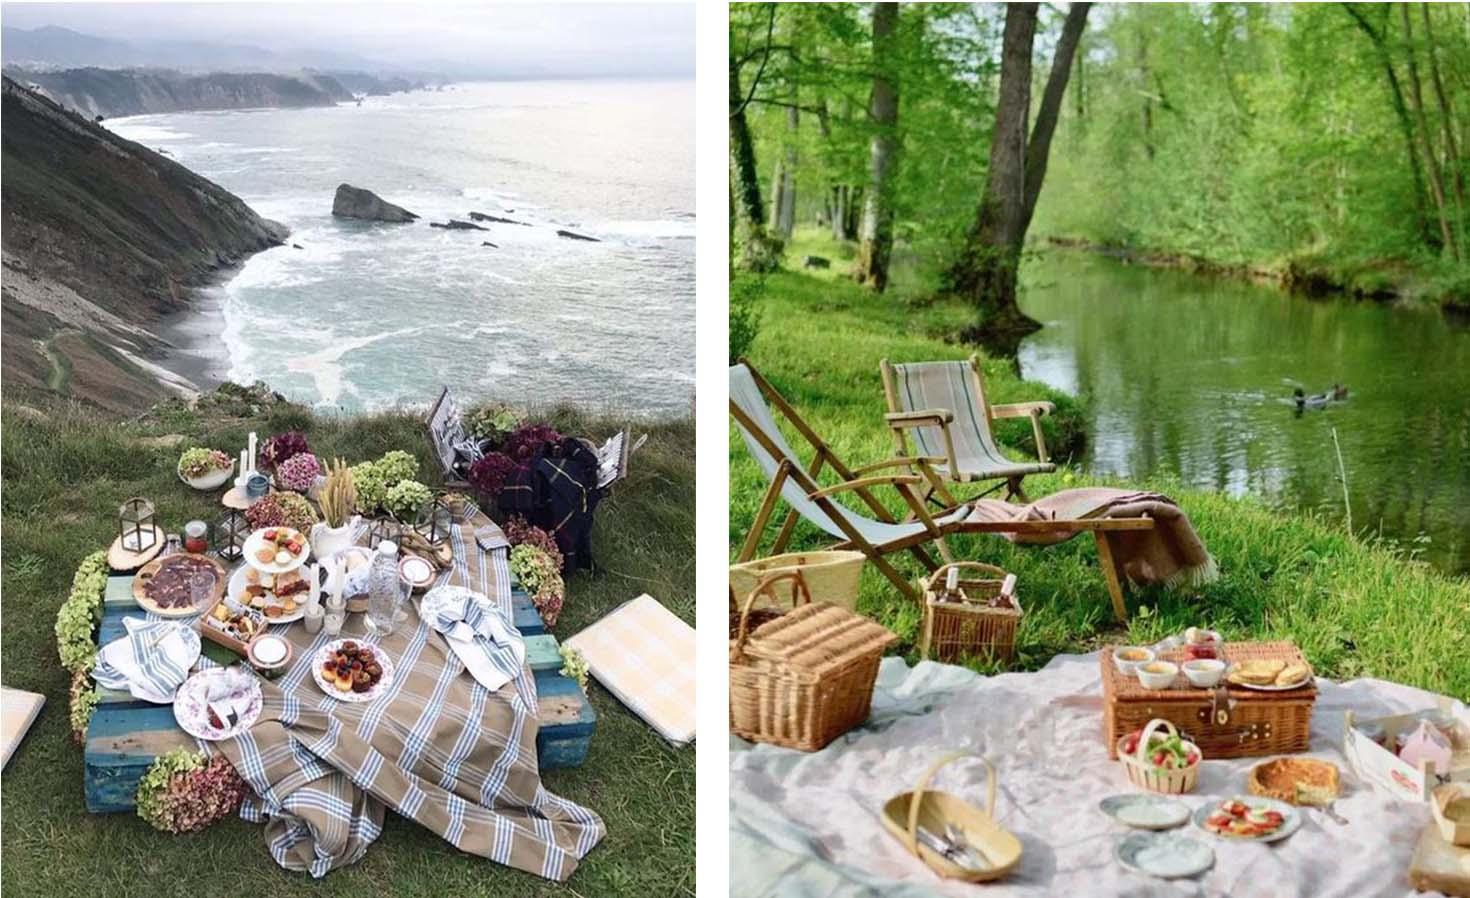 Picnic idea in Normandy